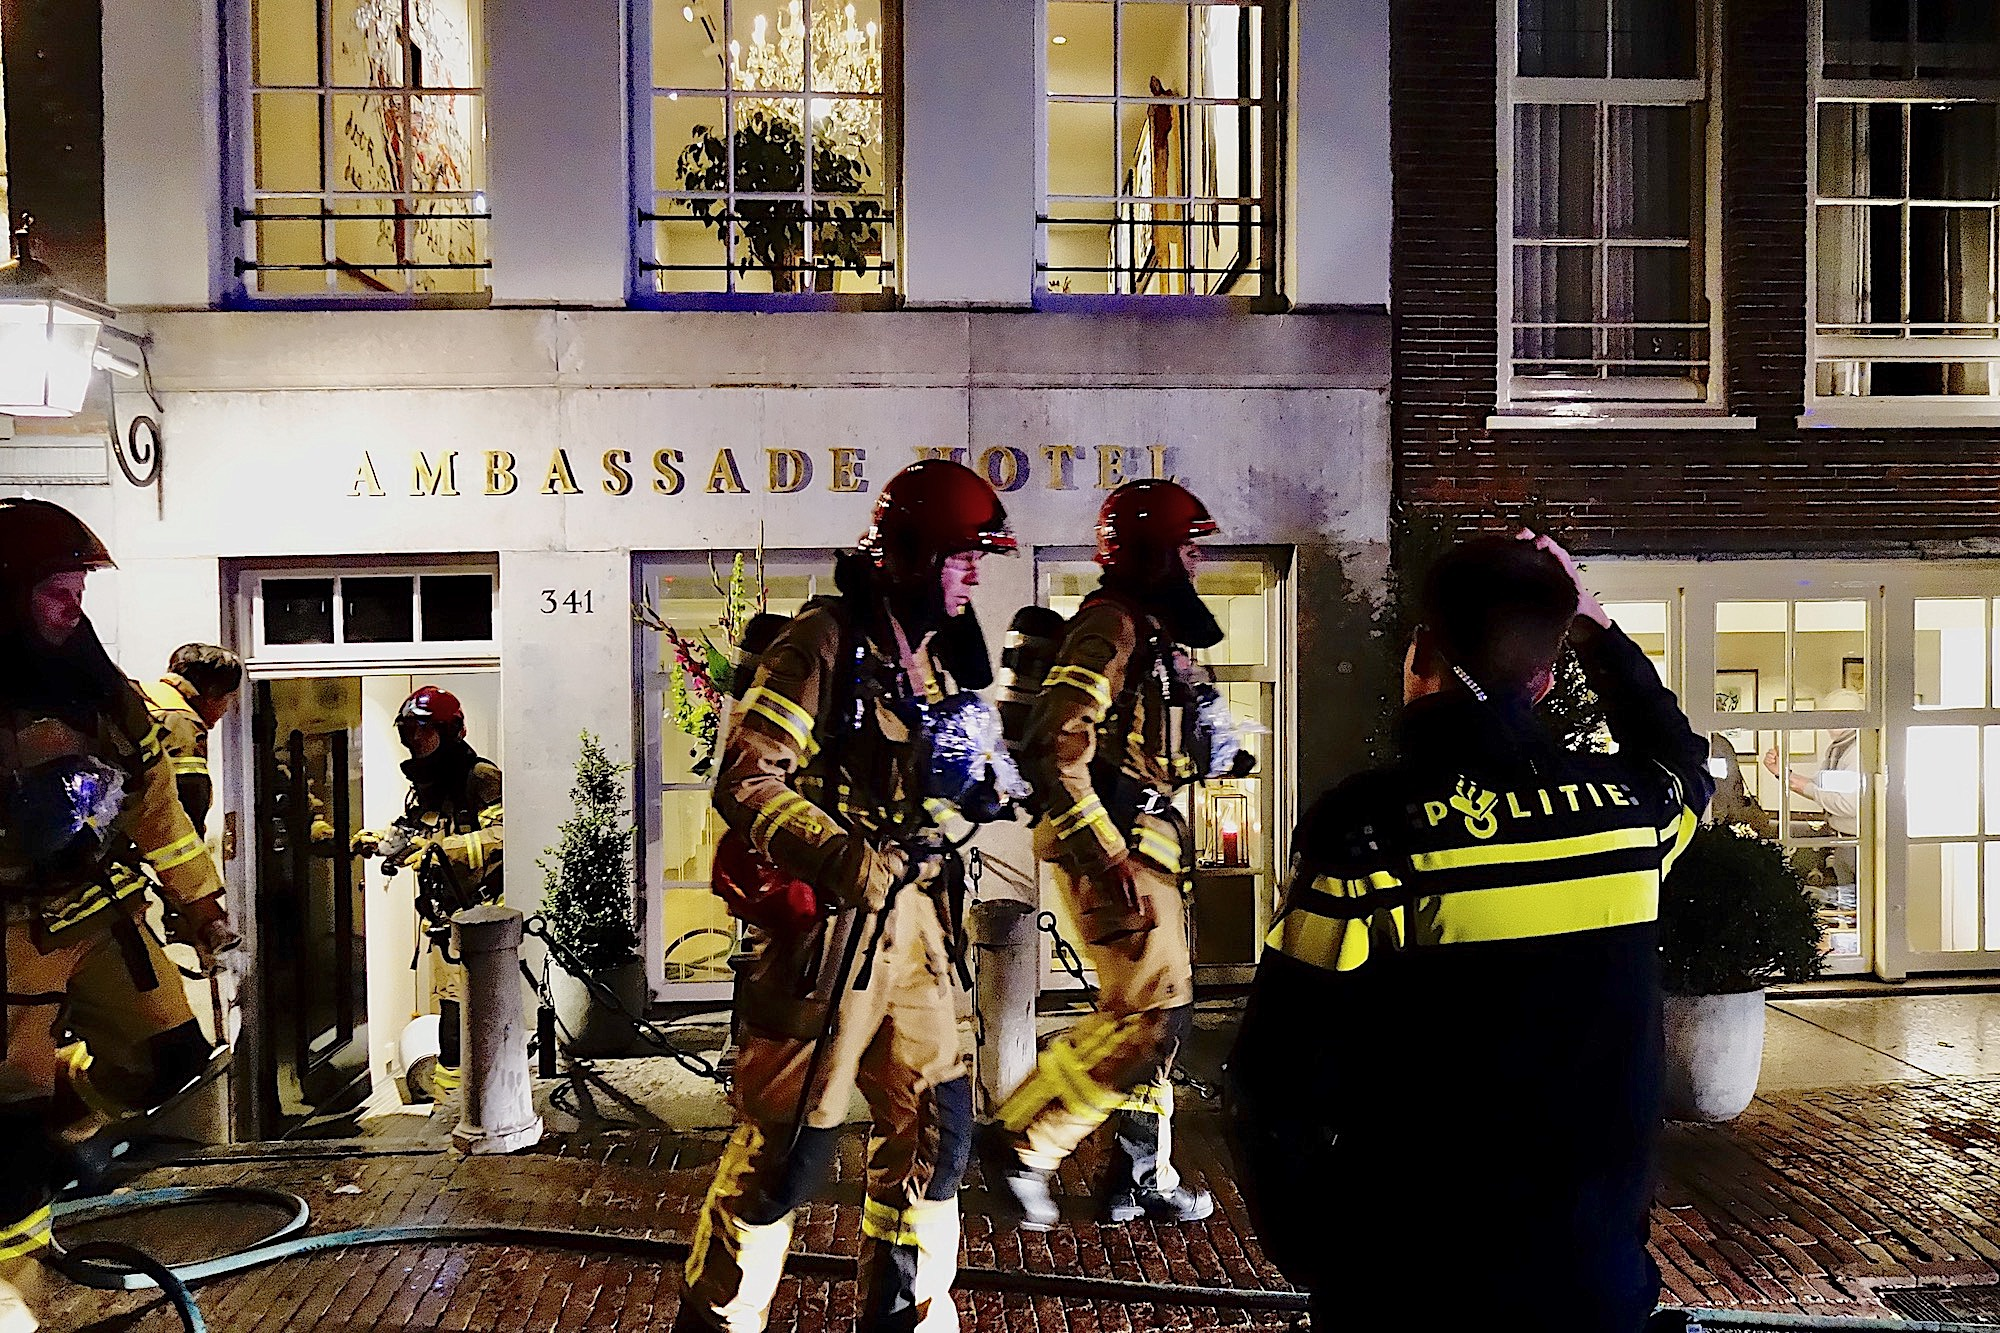 brandambassadehotel2 - 1